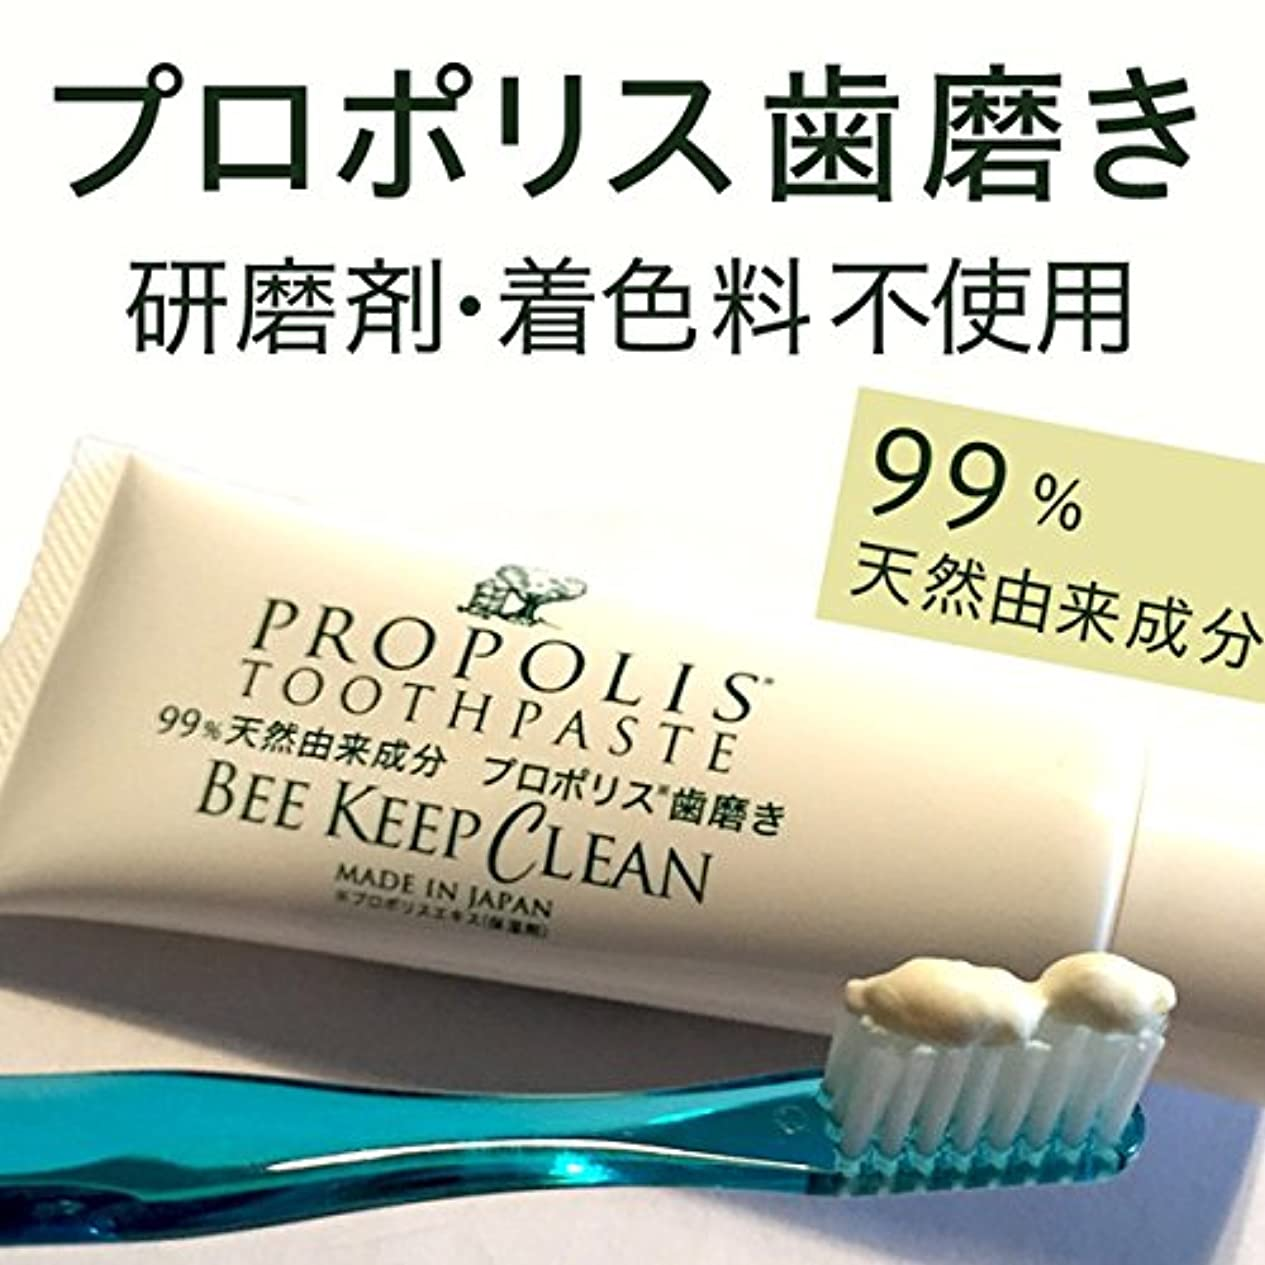 人型閉じ込めるプロポリス歯磨きビーキープクリーン100g